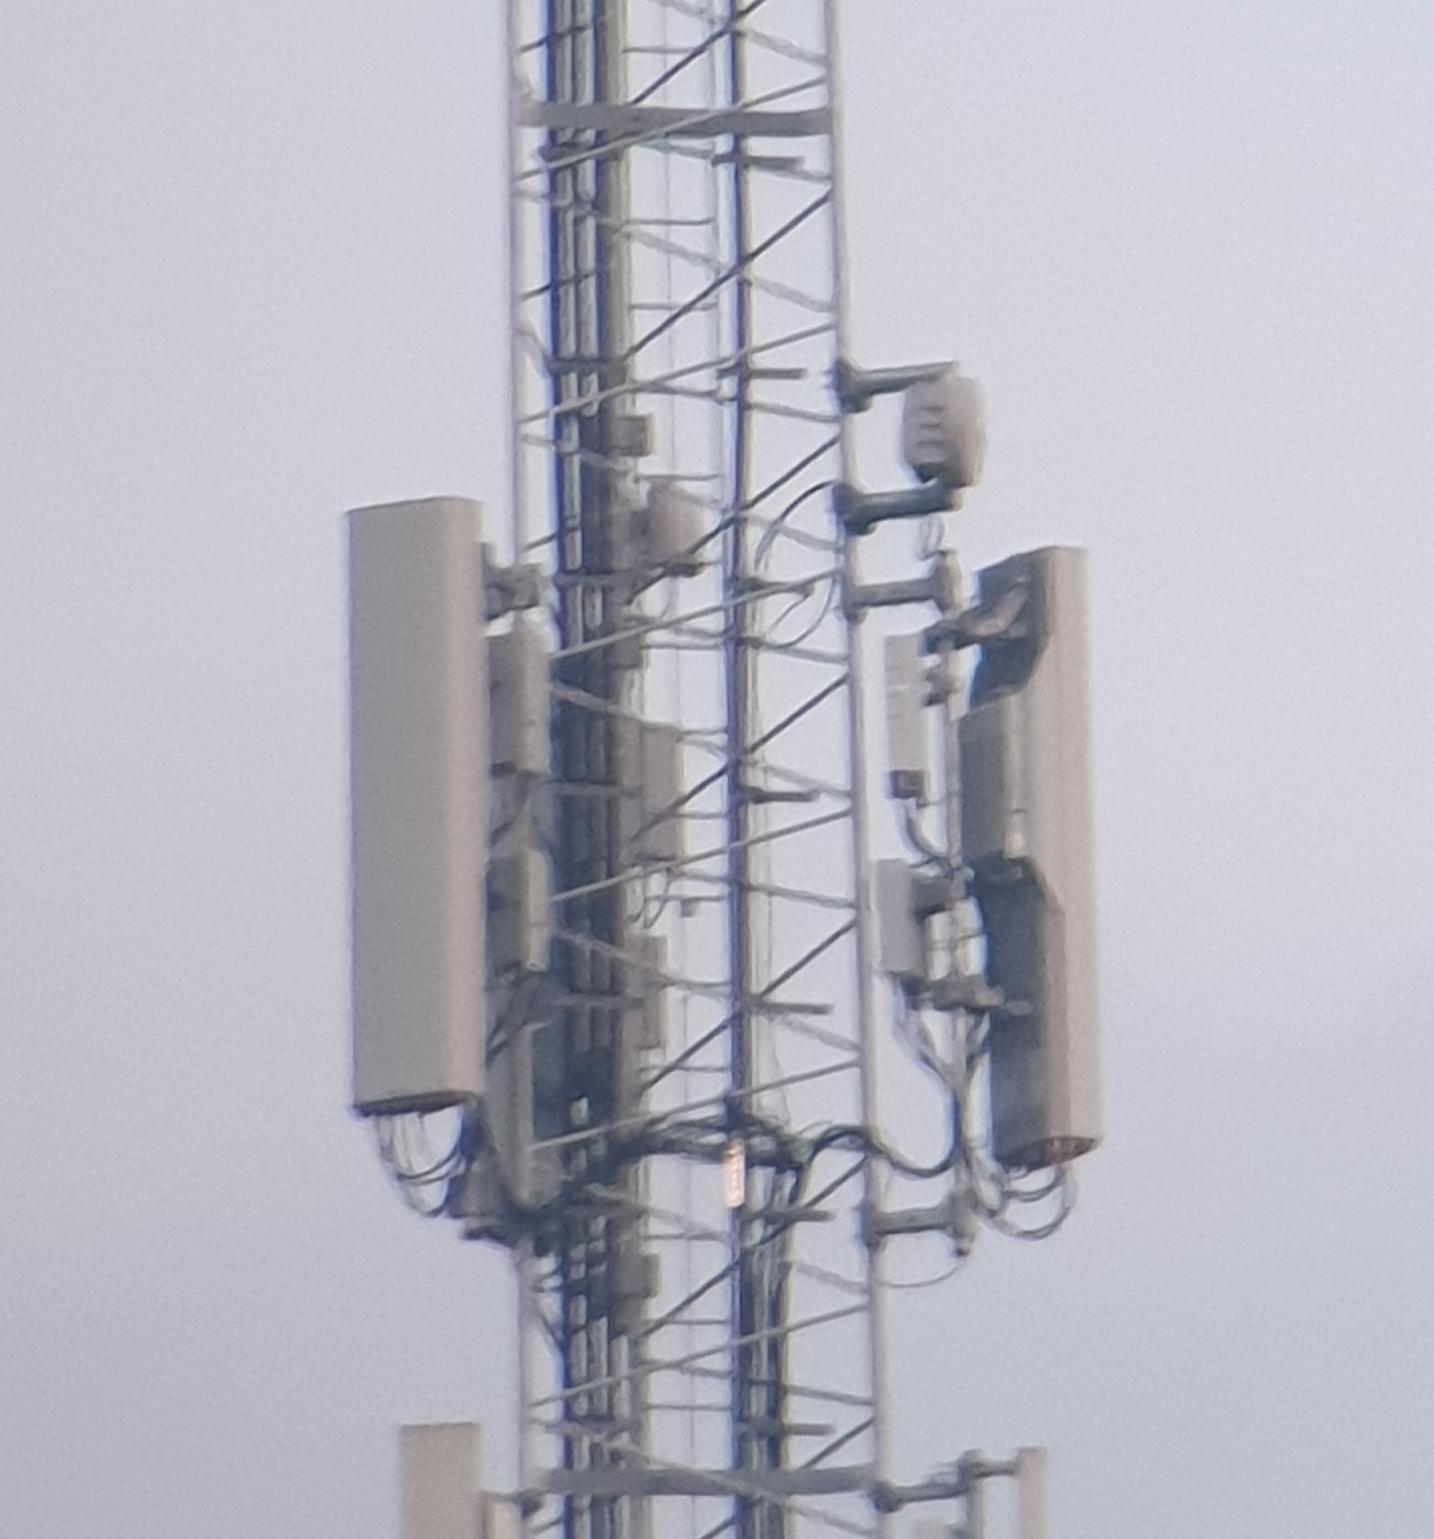 Nieuwe antennes bij het station in Zwolle